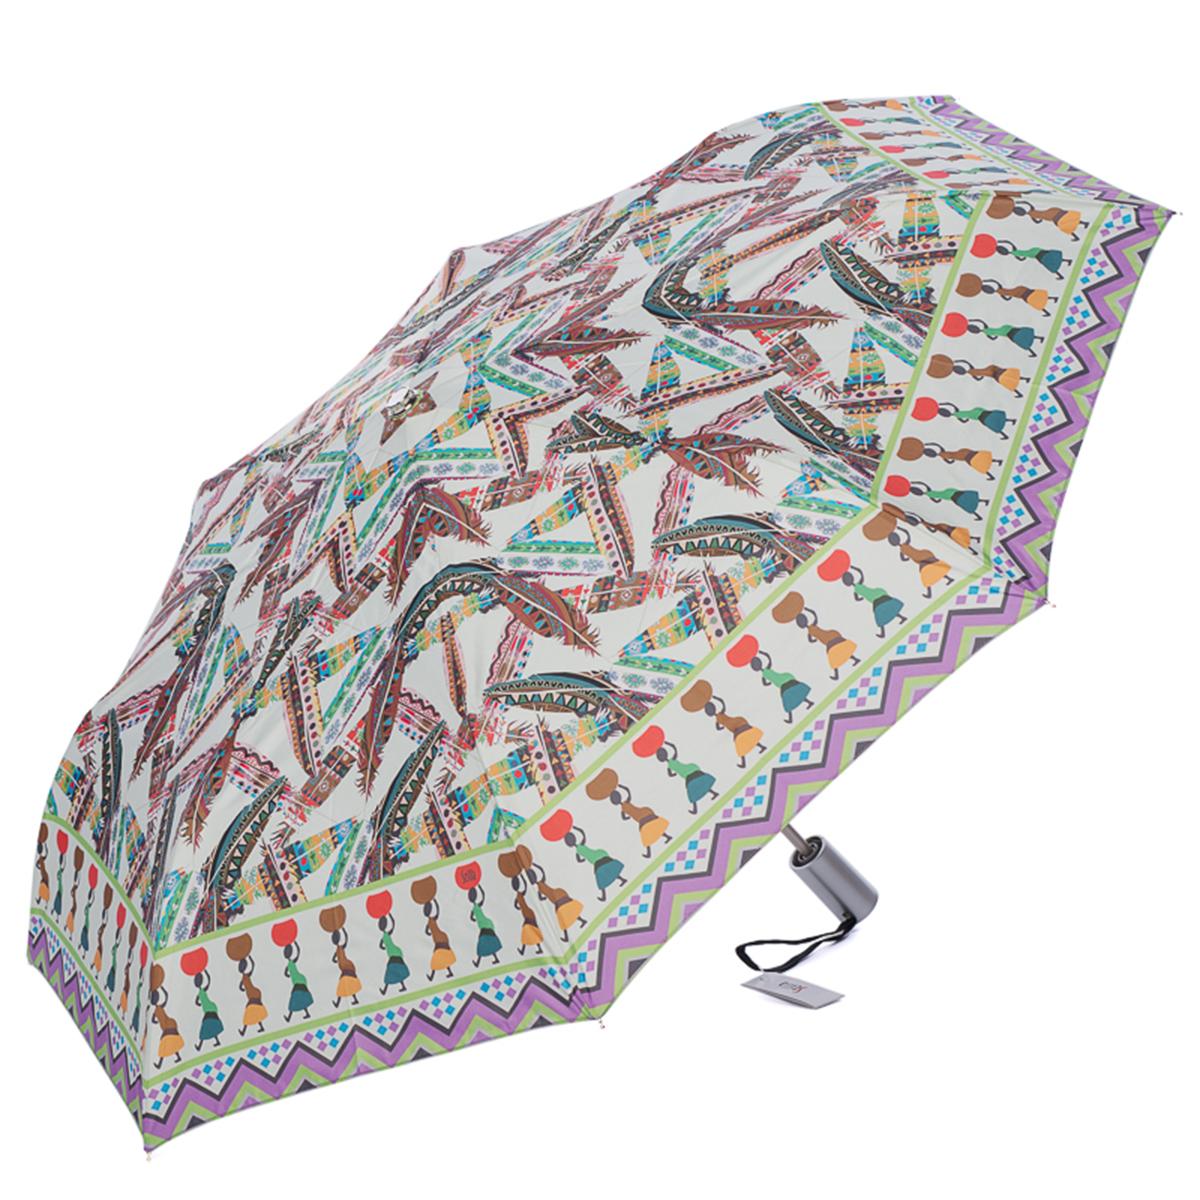 Зонт складной женский Stilla, цвет: зеленый. 739/2 mini739/2 miniОблегченный женский зонтик. Конструкция 3 сложения, полный автомат, облегченная конструкция (вес - 320 гр), система антиветер. Ткань - полиэстер. Диаметр купола - 112 см по верхней части, 101 см по нижней. Длина в сложенном состоянии - 27 см.